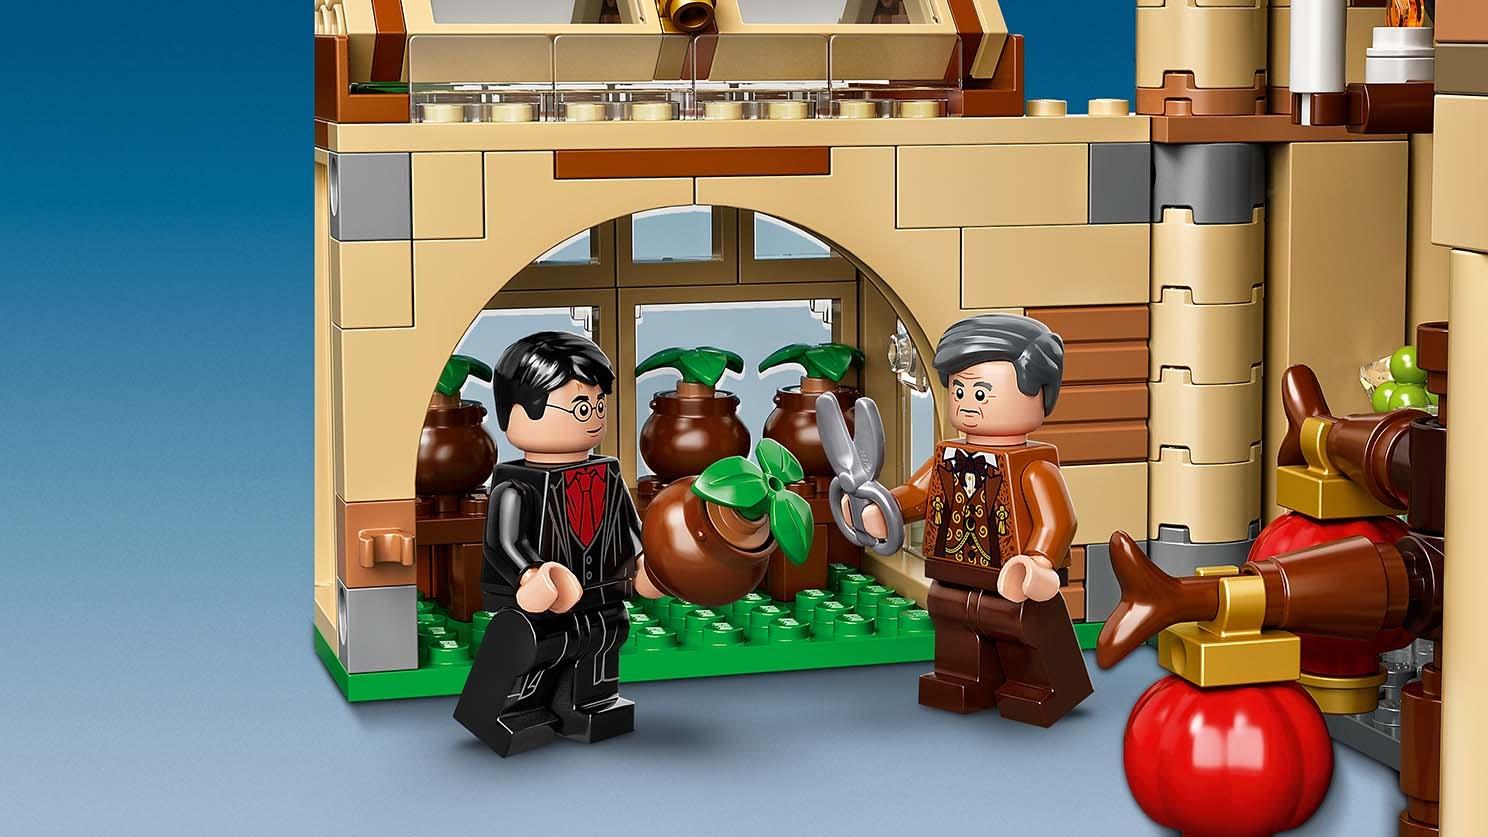 Astronomieturm Auf Schloss Hogwarts 75969 Lego Harry Potter Und Phantastische Tierwesen Sets Lego Com Fur Kinder